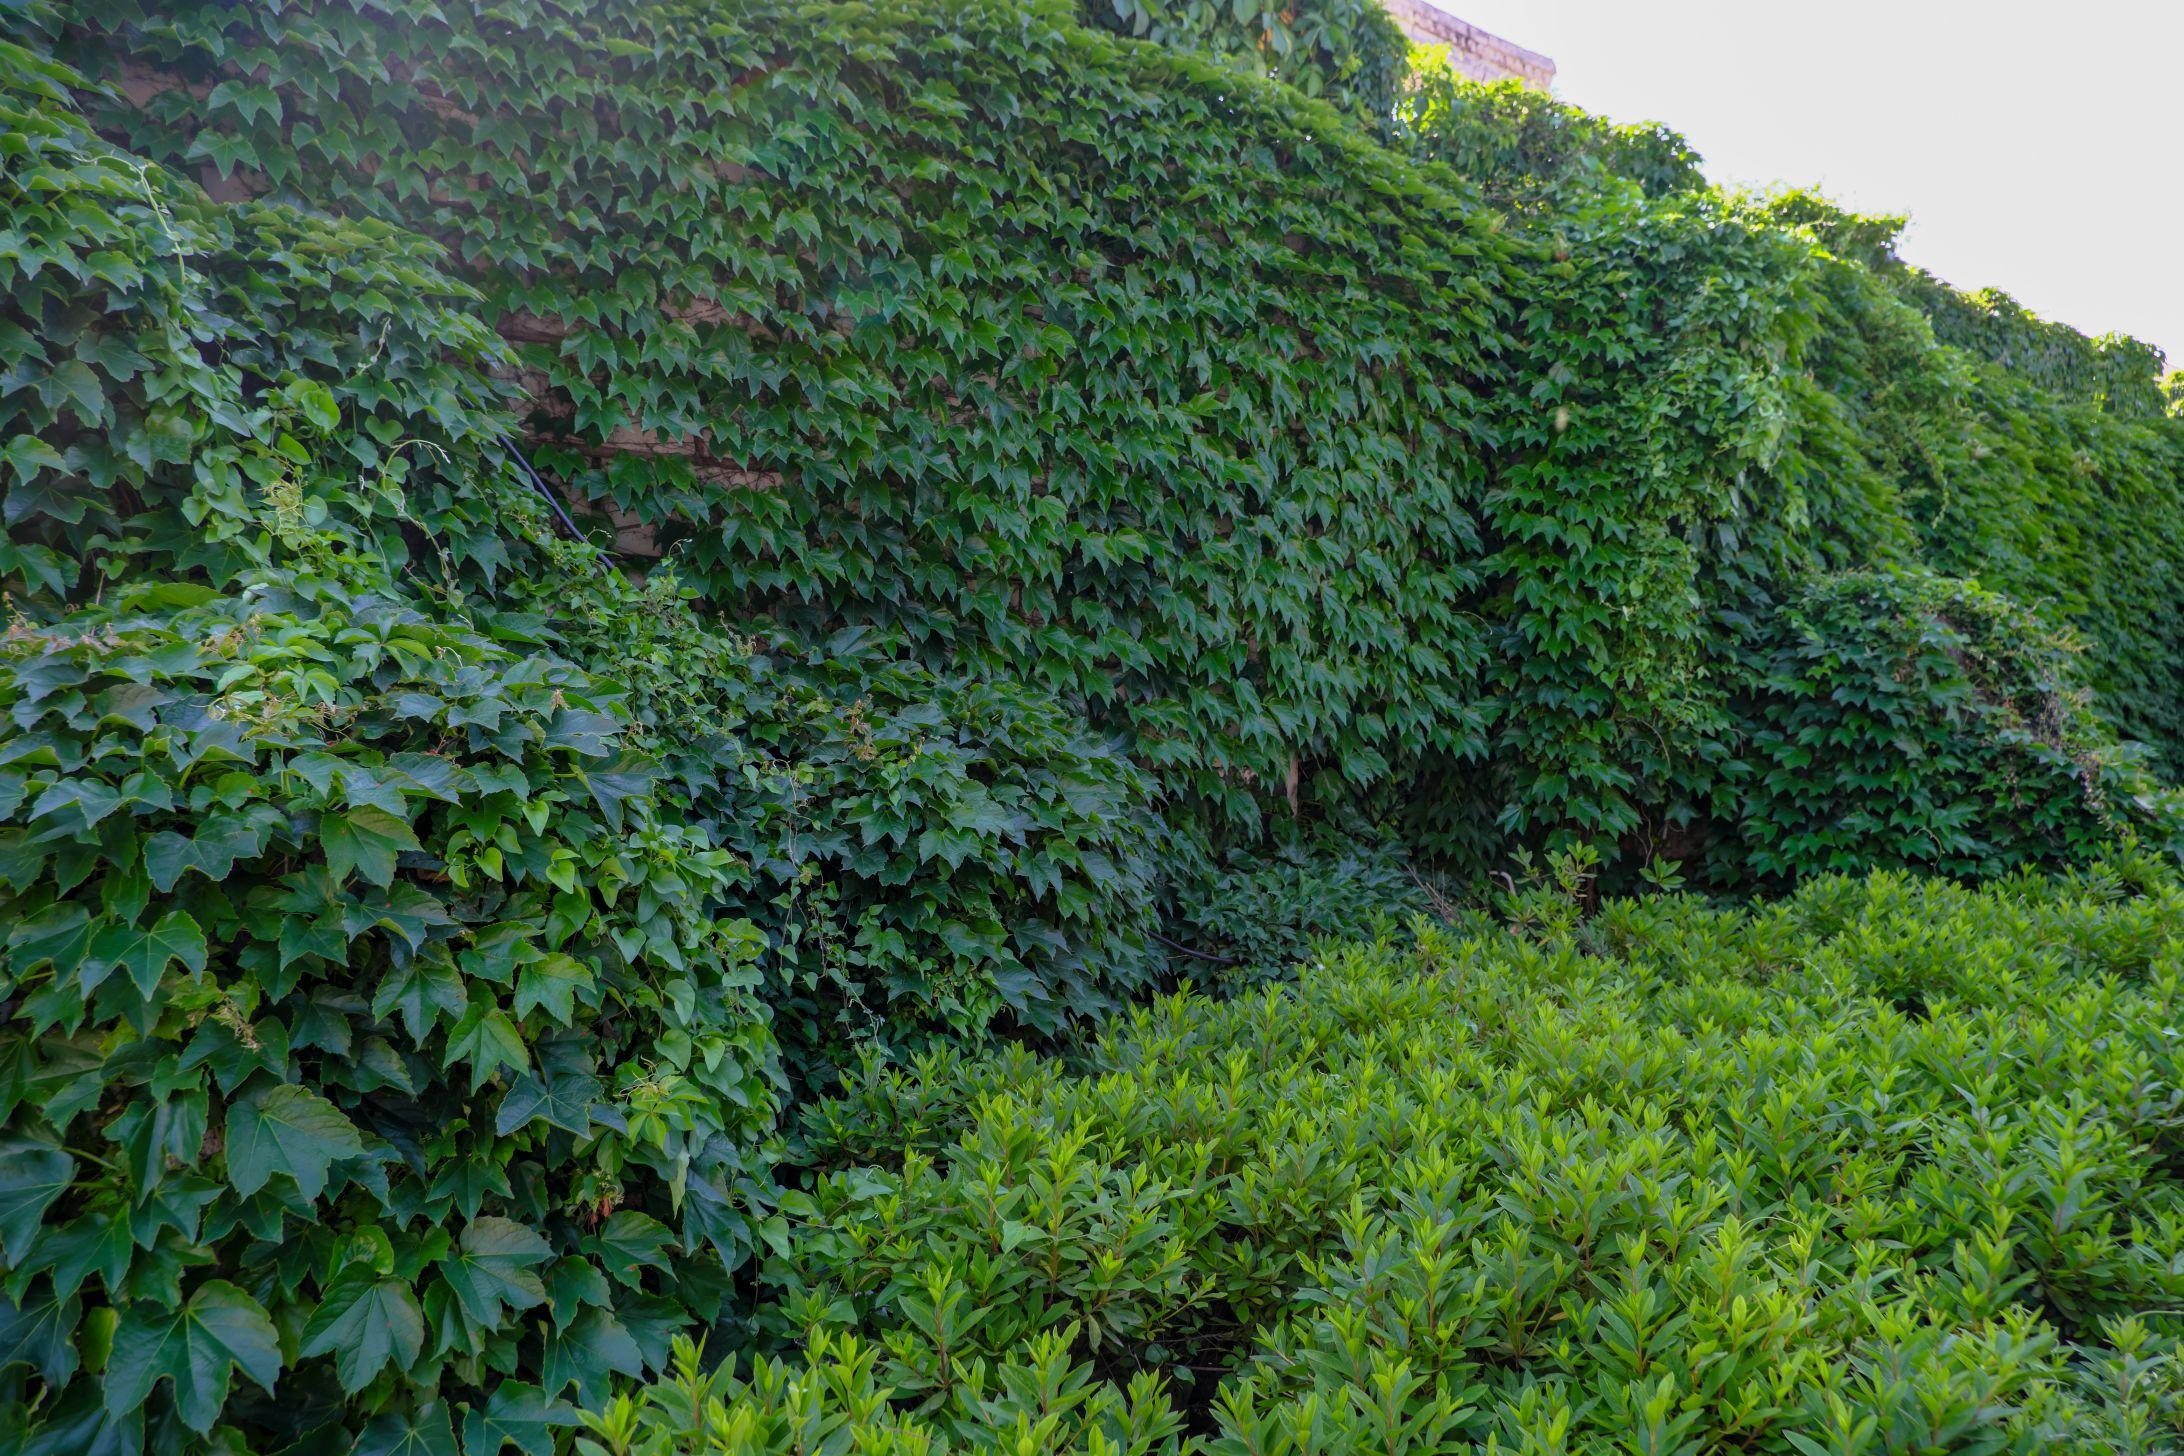 绿色植物背景照片下载